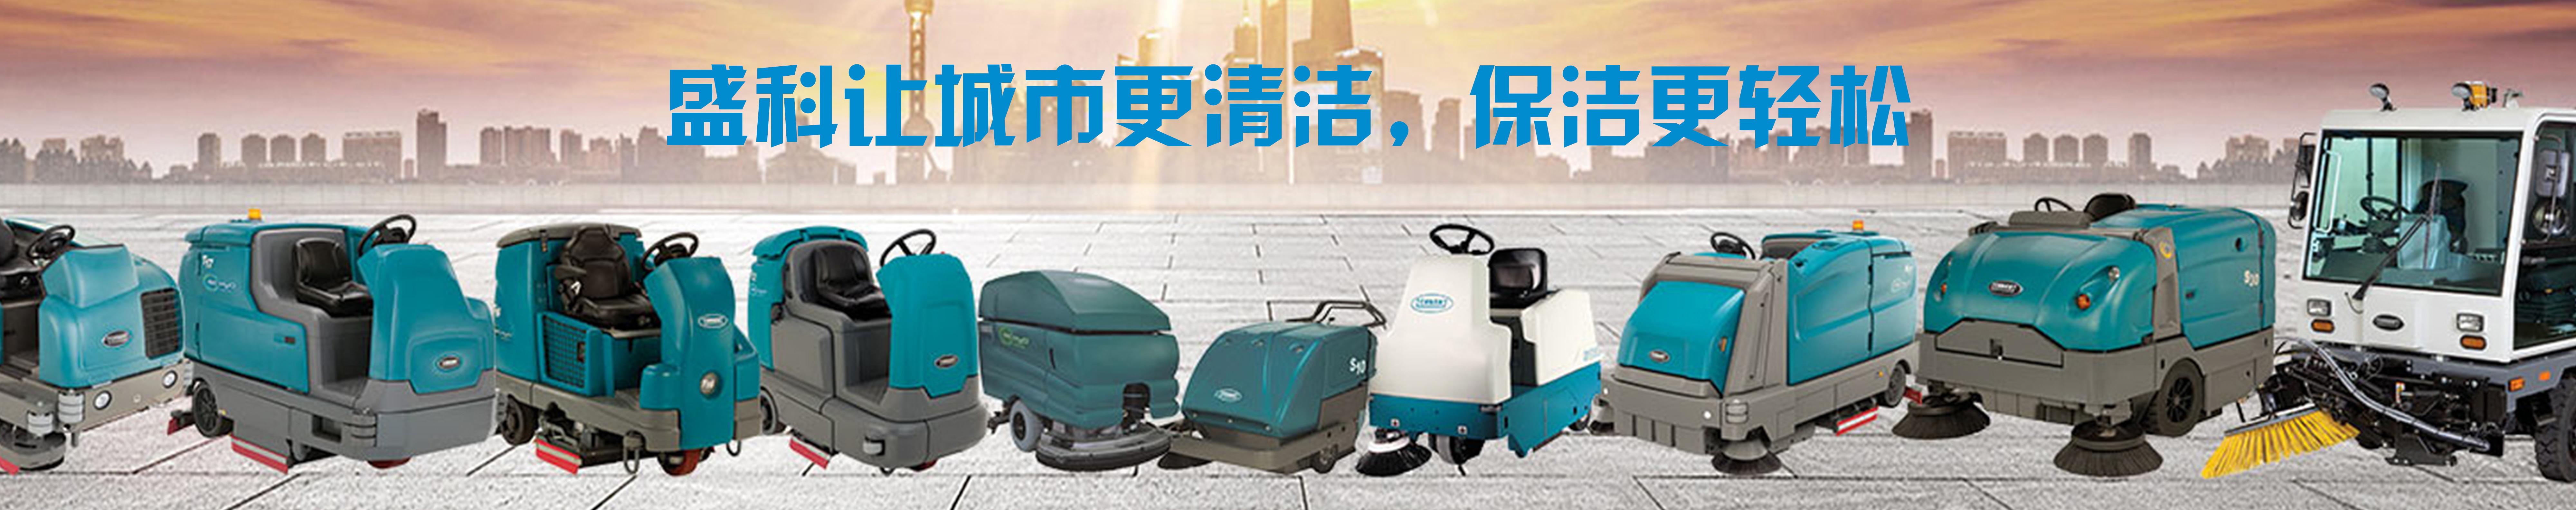 宁夏扫地机,宁夏洗地机,宁夏清洁设备